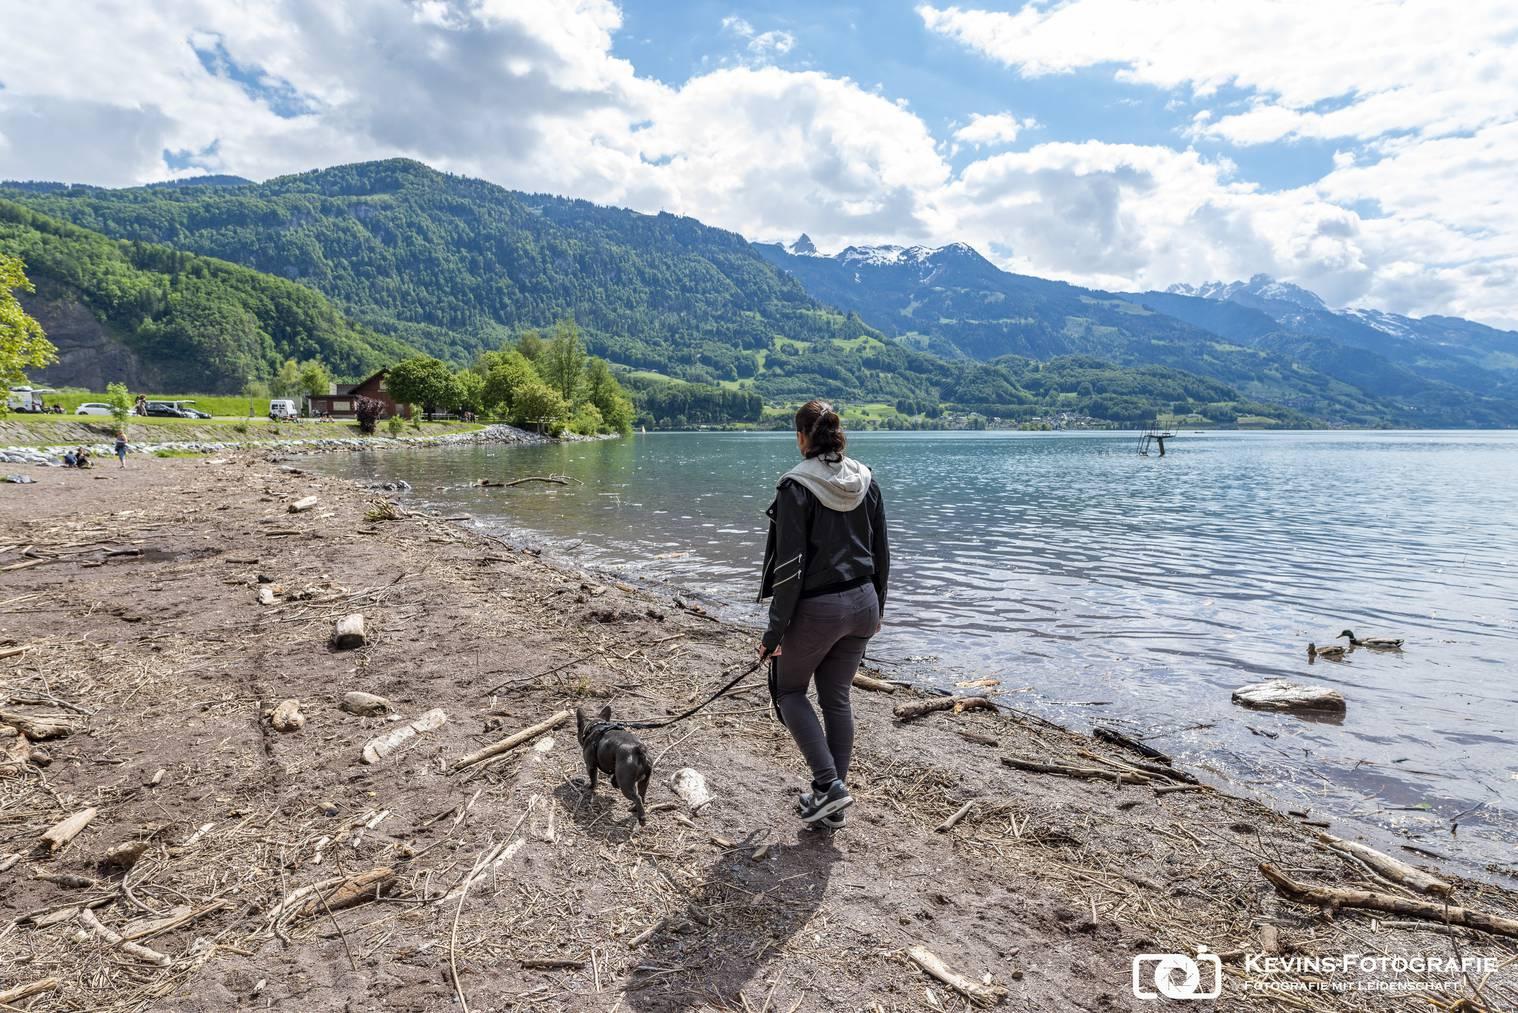 Hundebesitzern bietet sich direkt am Seeufer ein trostloses Bild. (Foto: Kevin Suter)